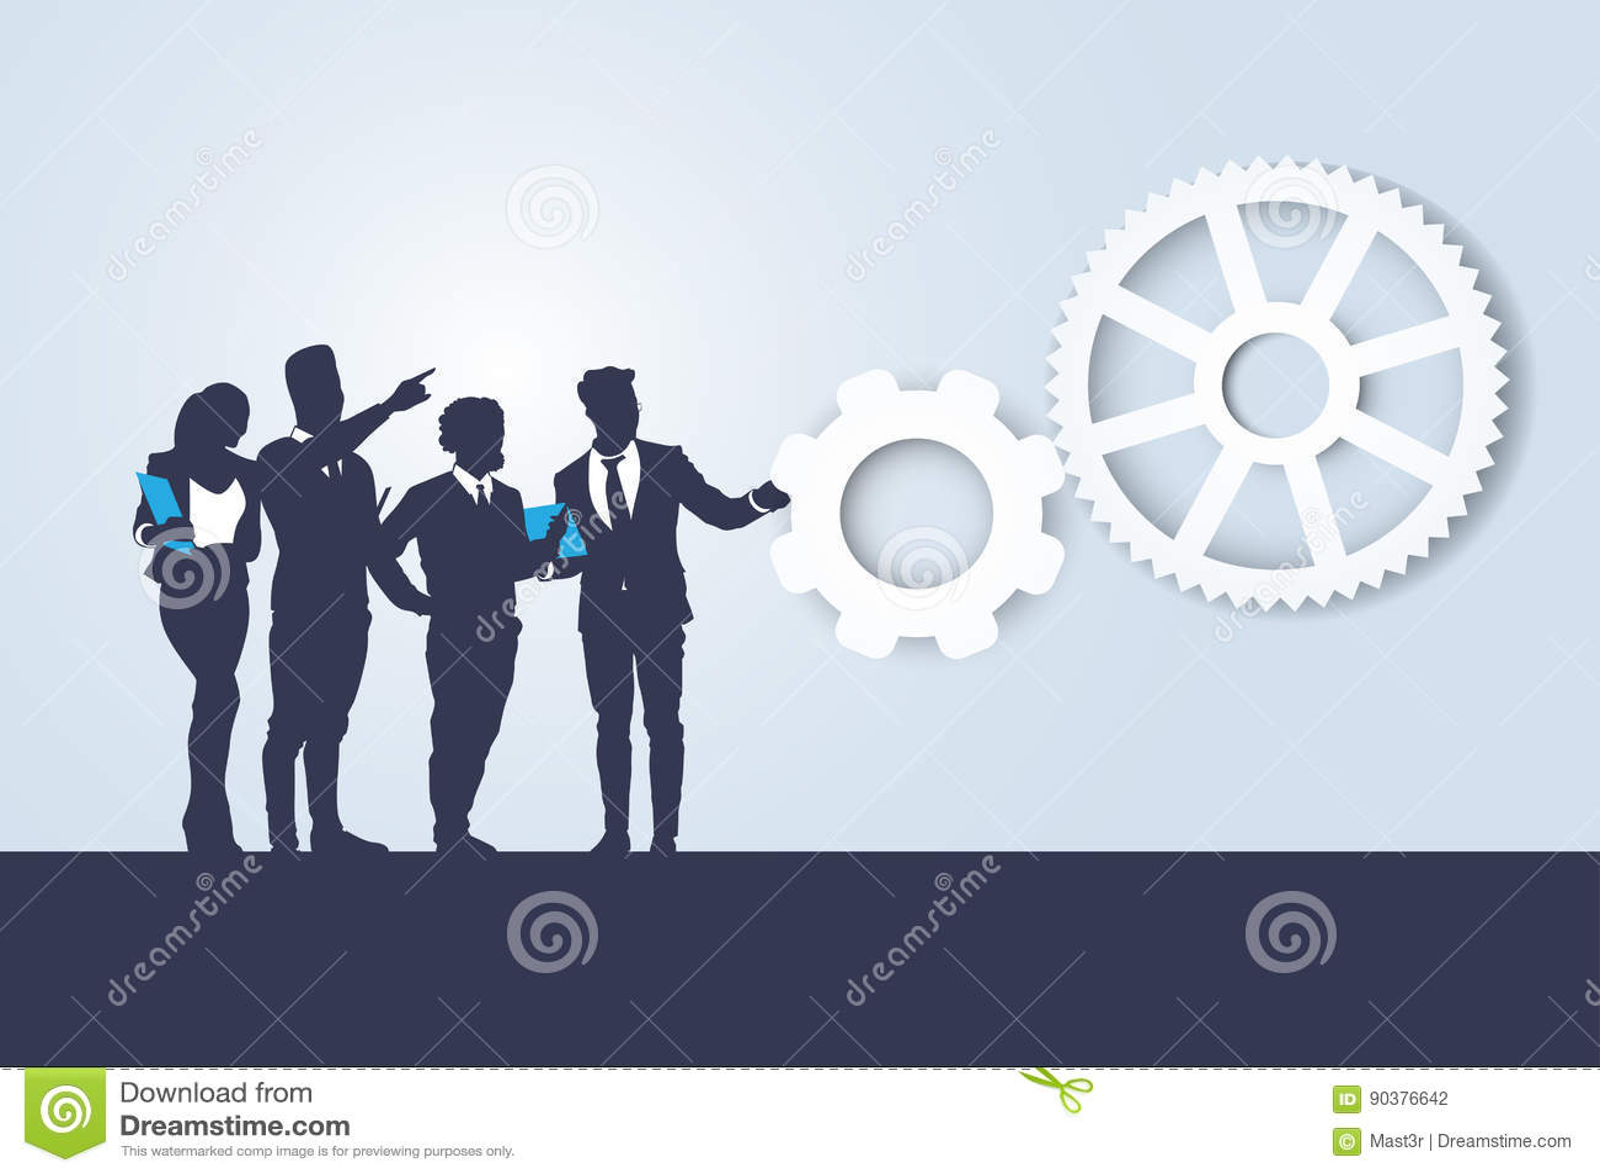 Executivos de Team Seminar Training Conference Brainstorming da silhueta